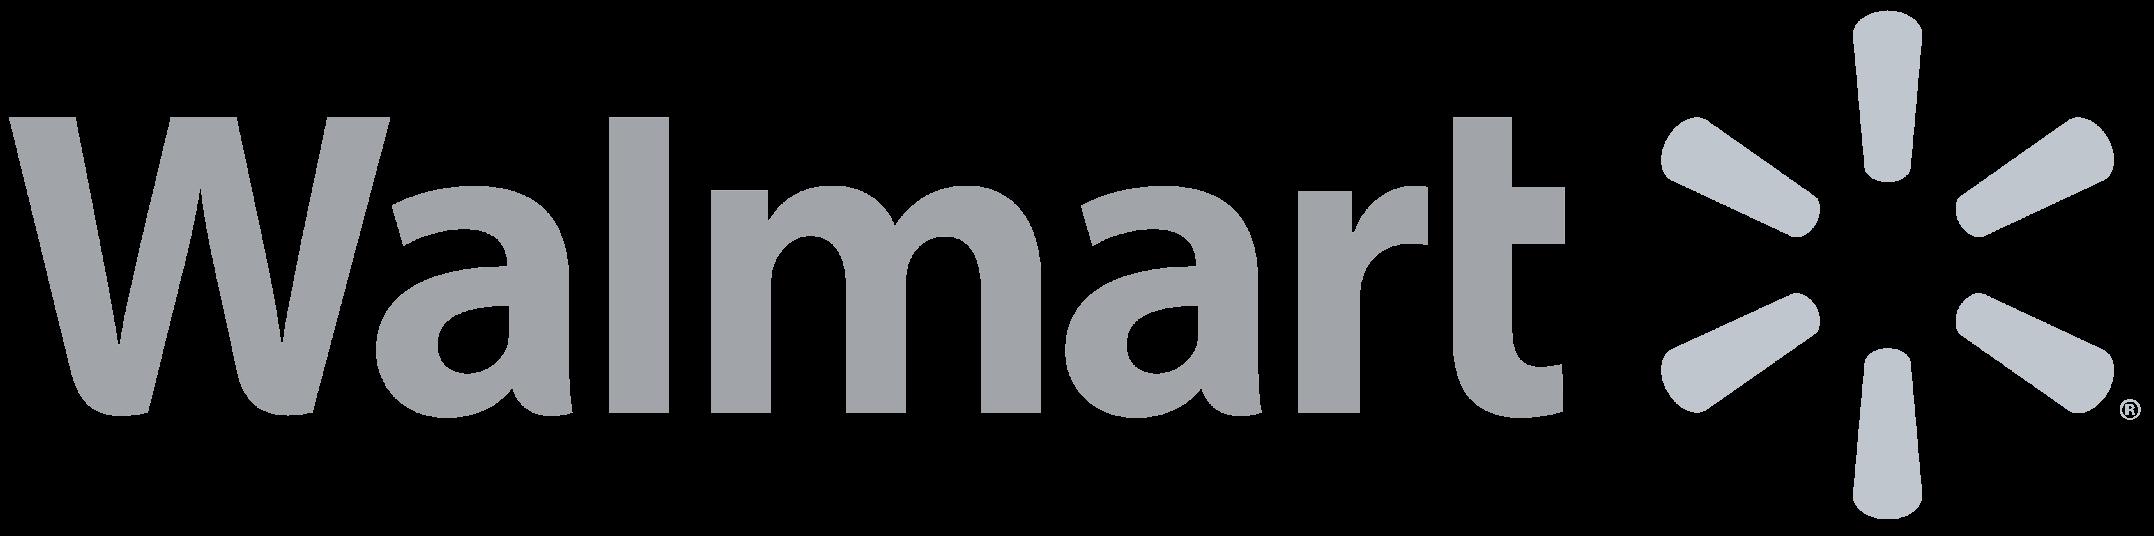 walmart-logo-web-gray